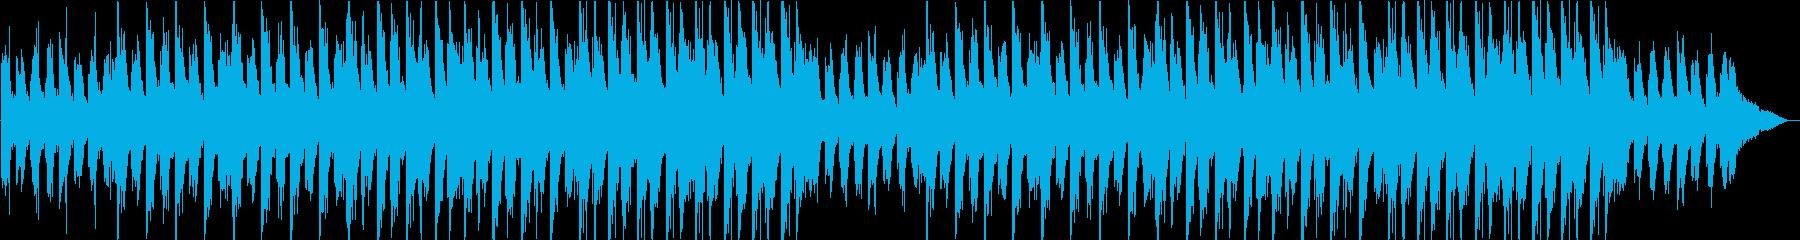 和風テイストの爽やかピアノ・チル・ポップの再生済みの波形